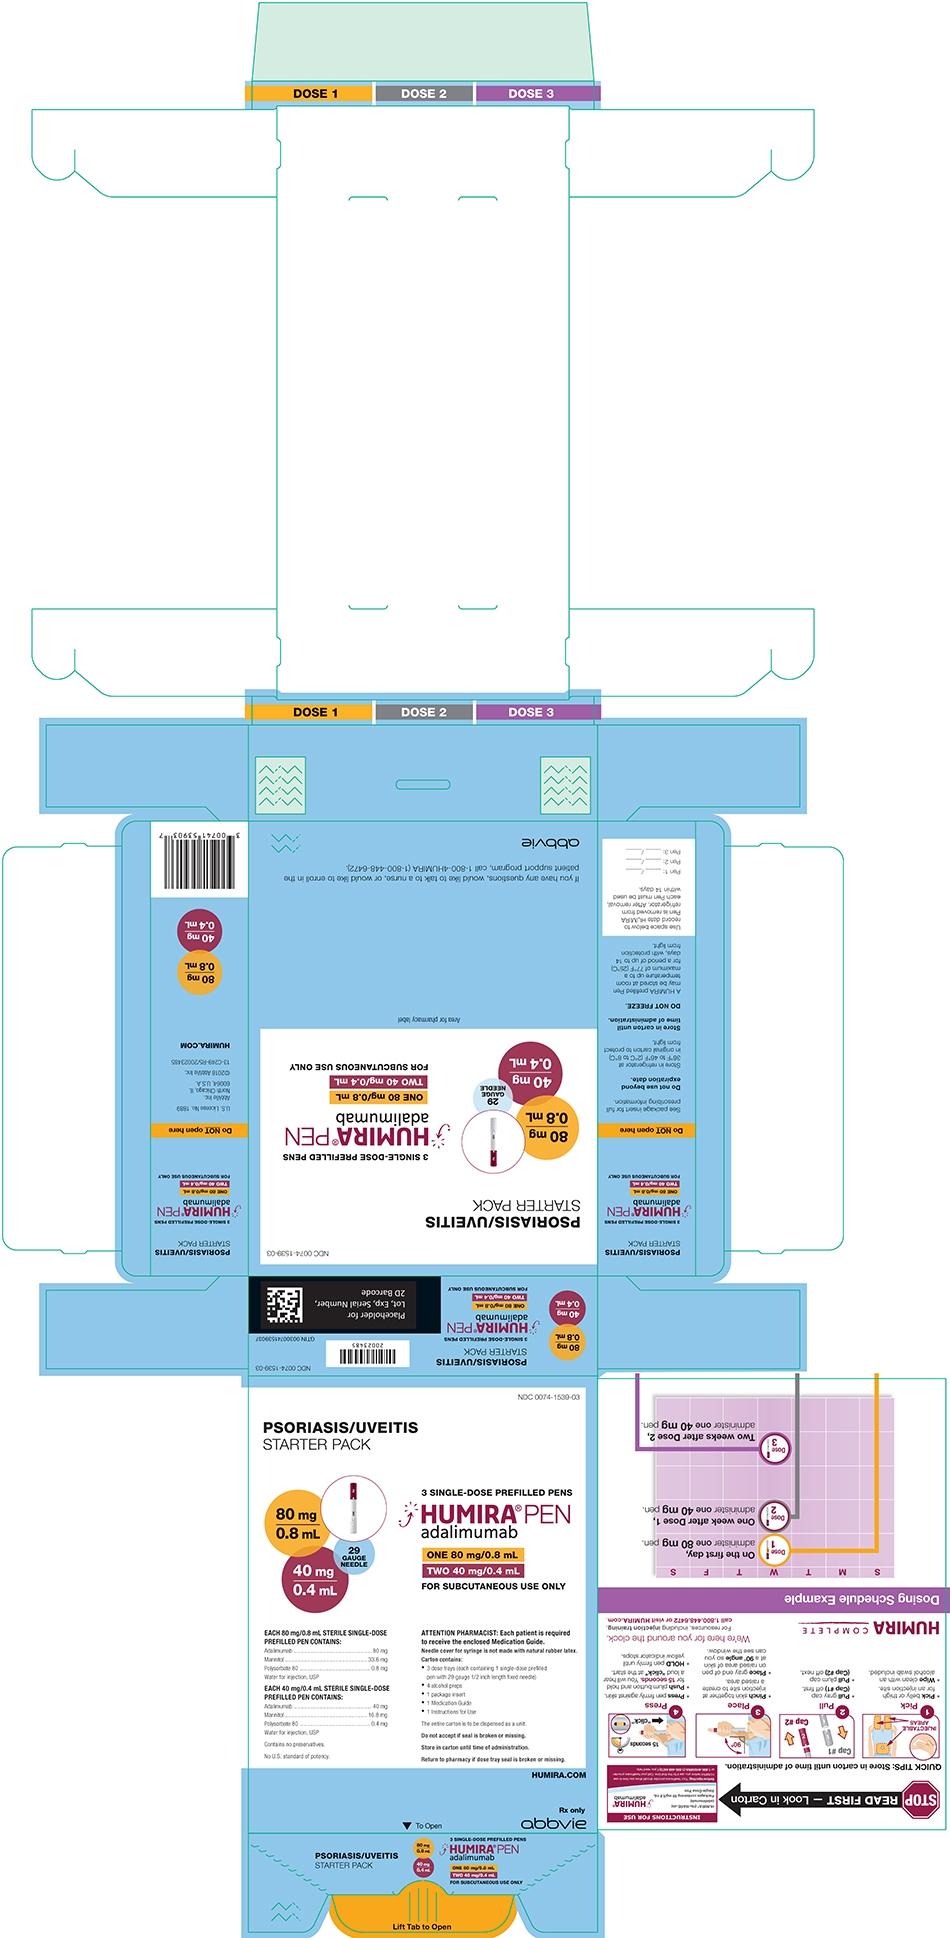 carton-humira-pen-mai-80mg08ml-psoriasis-starter-3ct